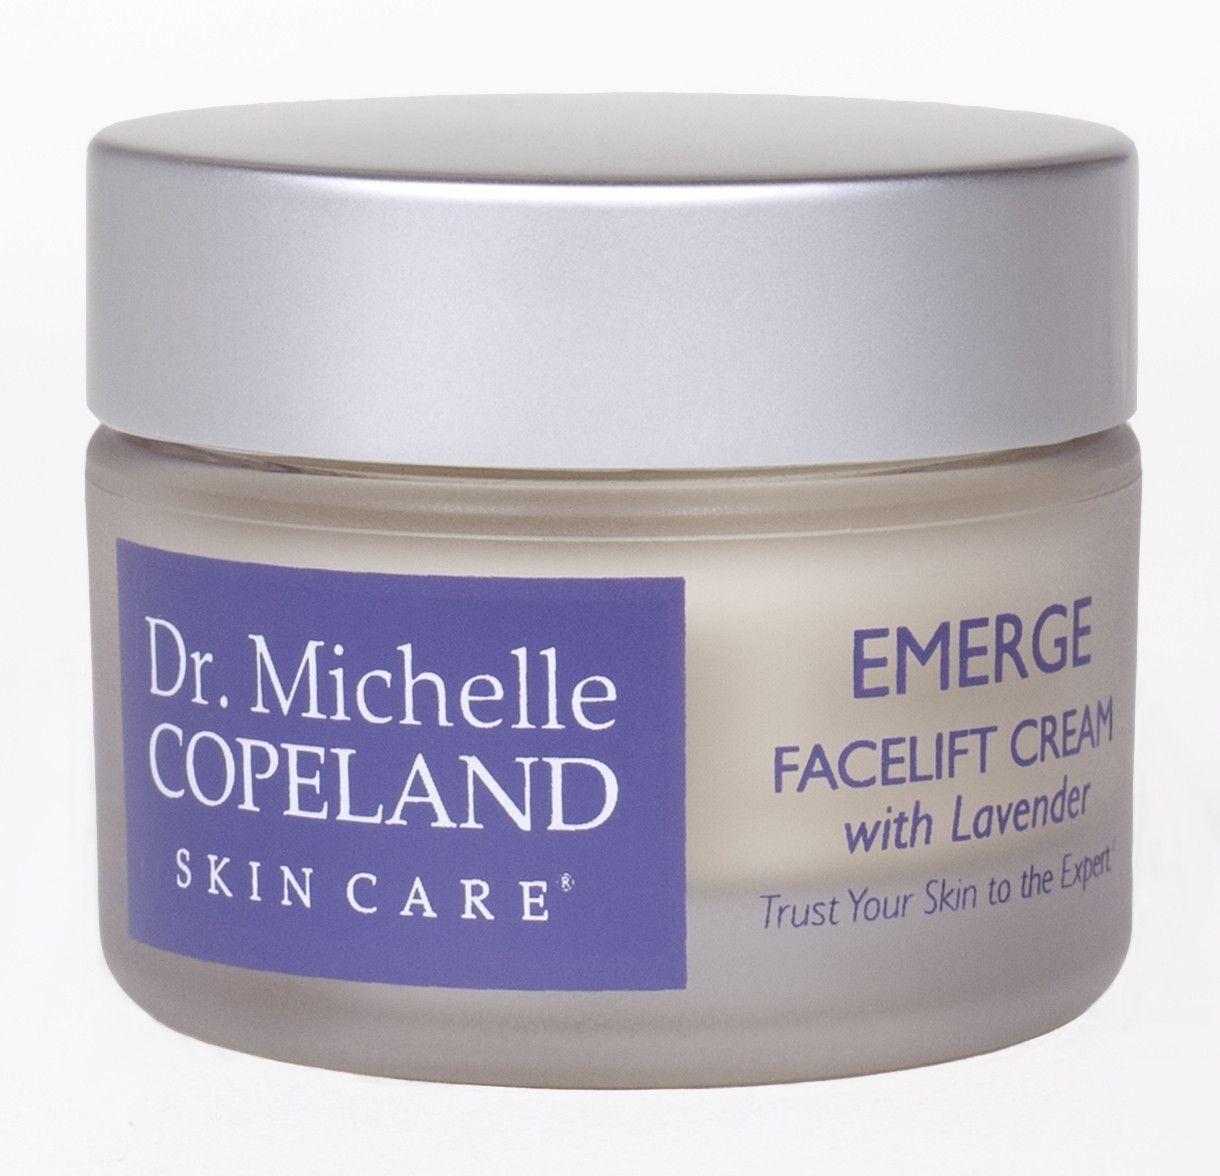 Emerge Facelift Cream Drcopelandskincare Com Facelift Cream Lavender Skin Care Skin Care